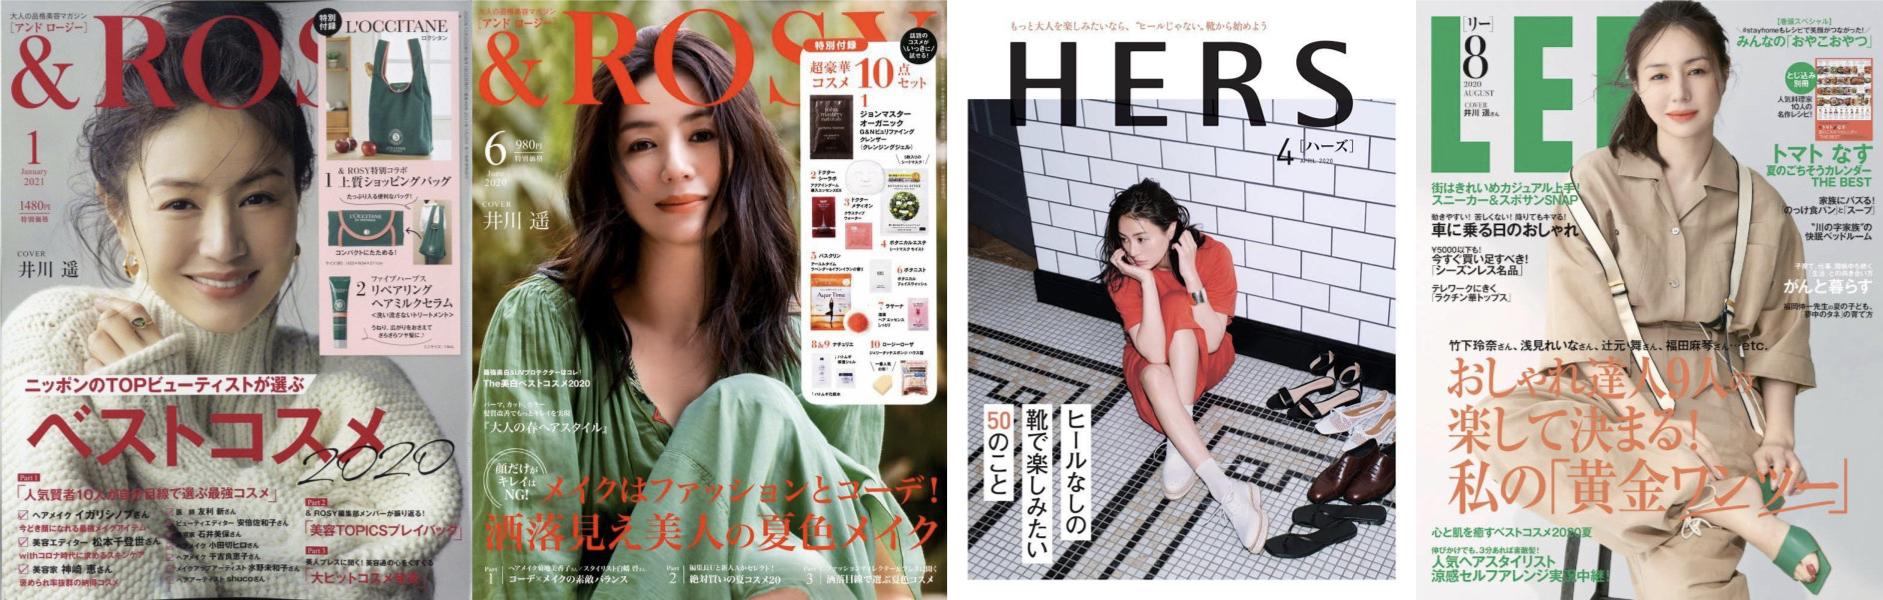 井川遥さん表紙雑誌